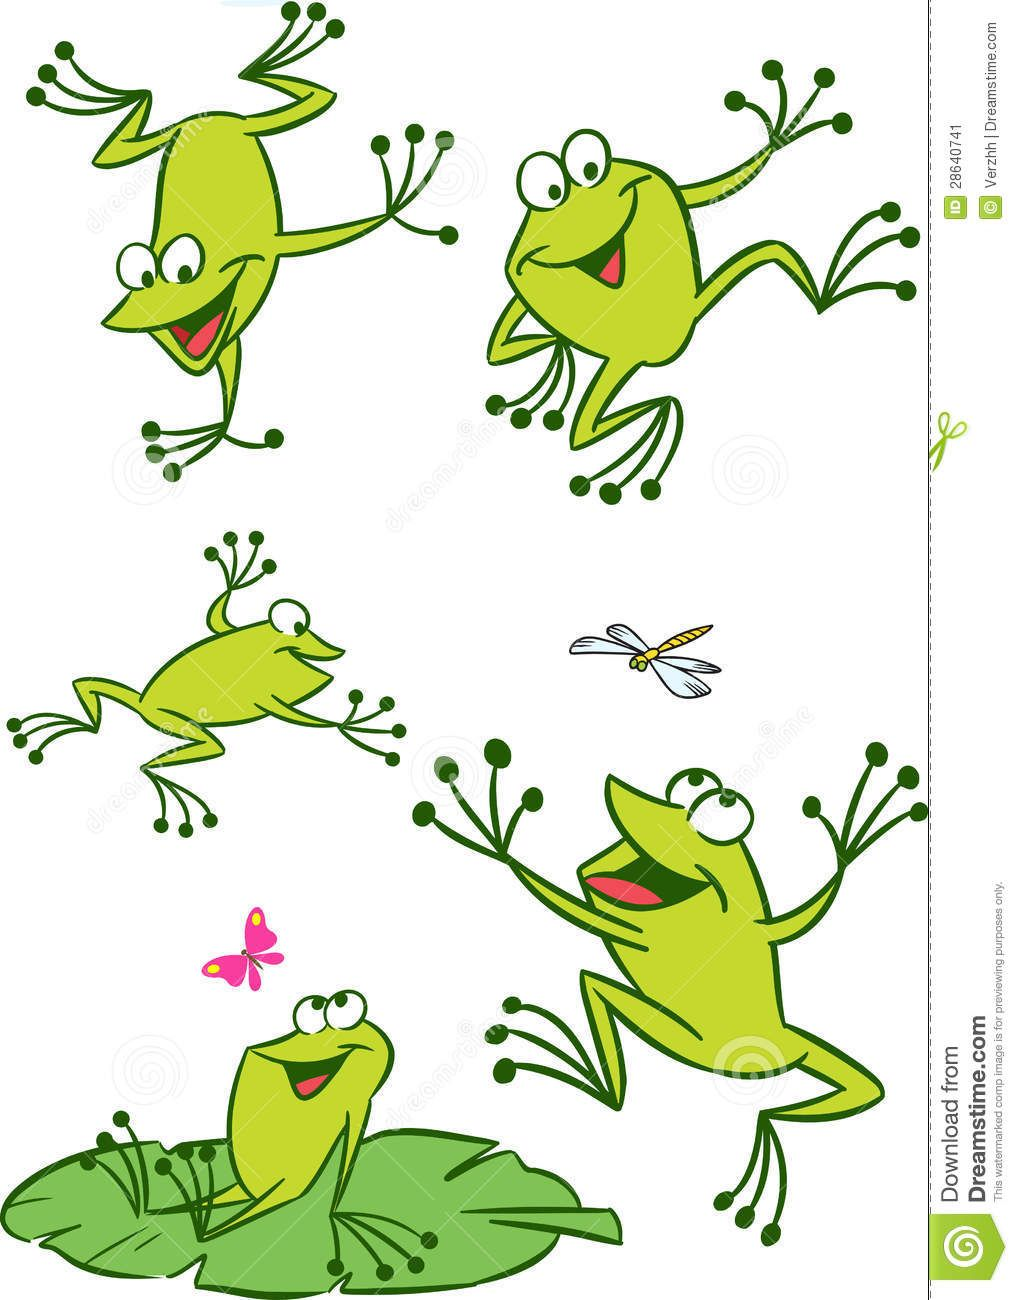 Pin by Marta Semrádová on žáby...   Pinterest   Frogs, Animal and Cards